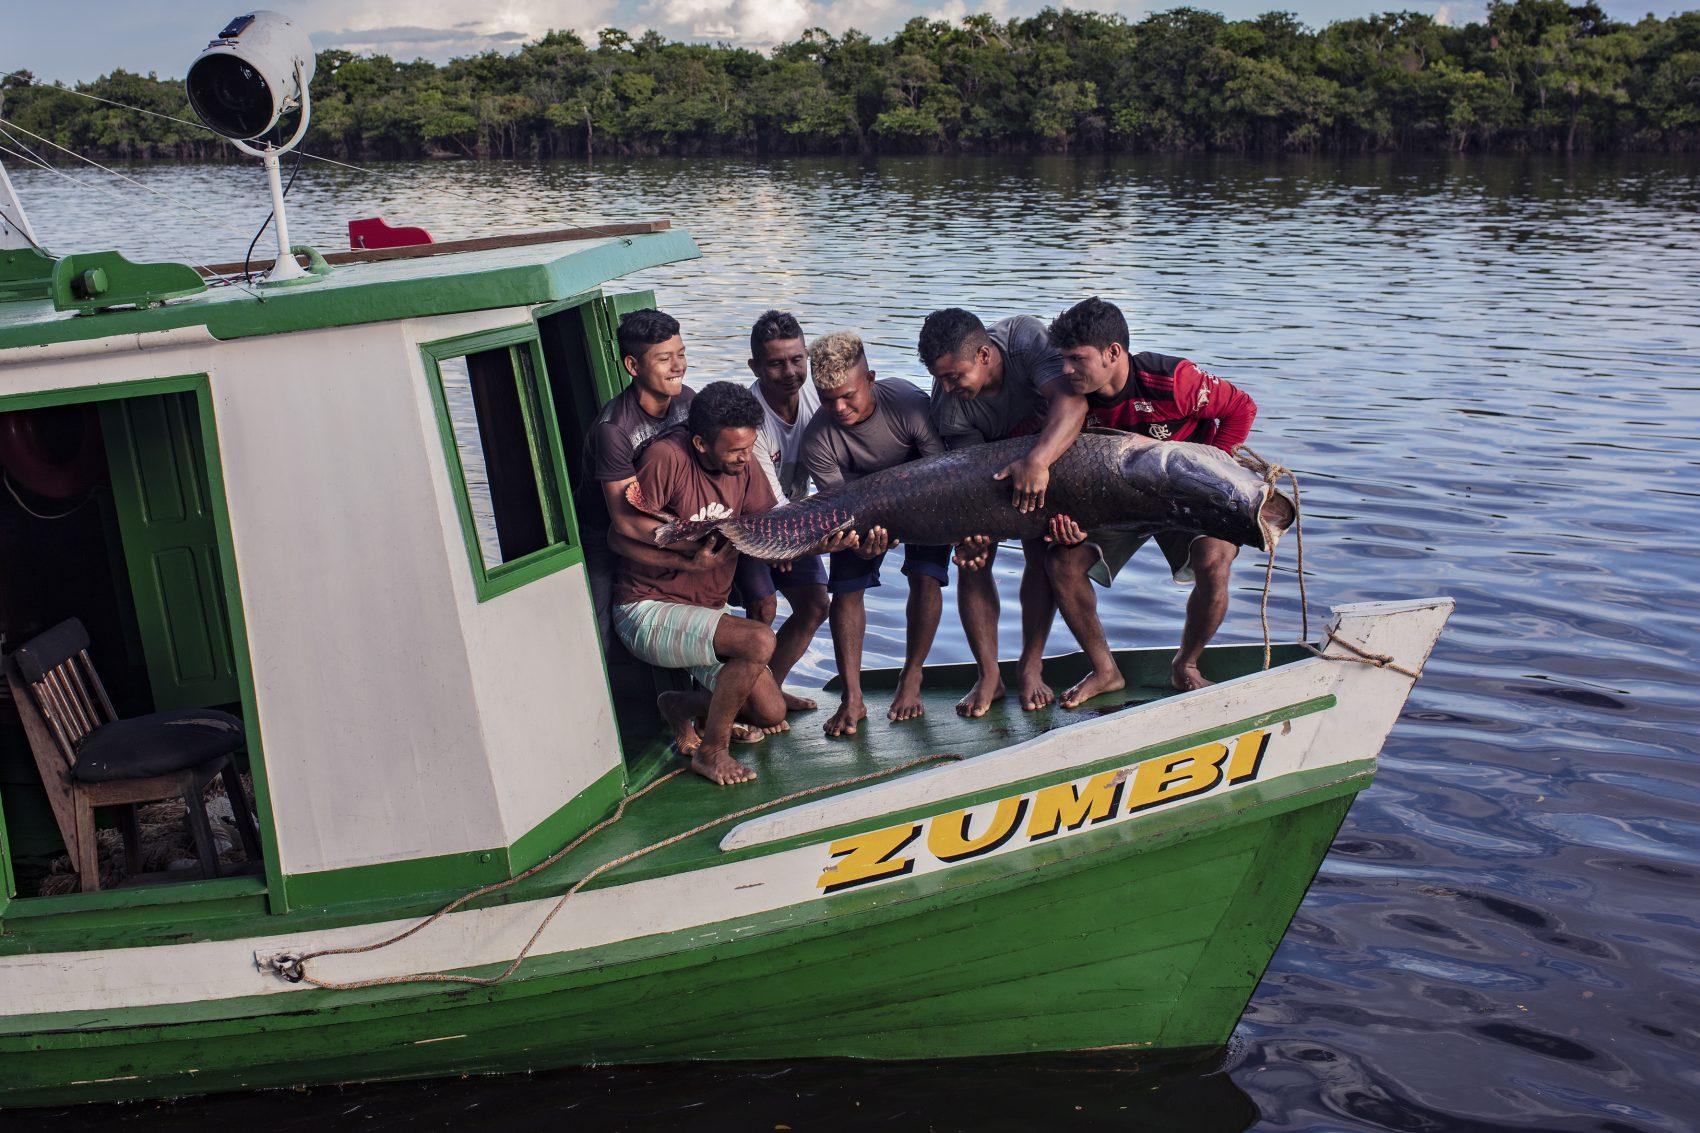 Pesca de pirarucu no sul do Amazonas: projeto Gosto da Amazônia levou chefs de cozinha do Rio de Janeiro até a Terra Indígena Paumari, para conhecer o manejo sustentável do pirarucu e seus impactos econômicos, sociais e ambientais na região (Foto: Marizilda Cruppe)